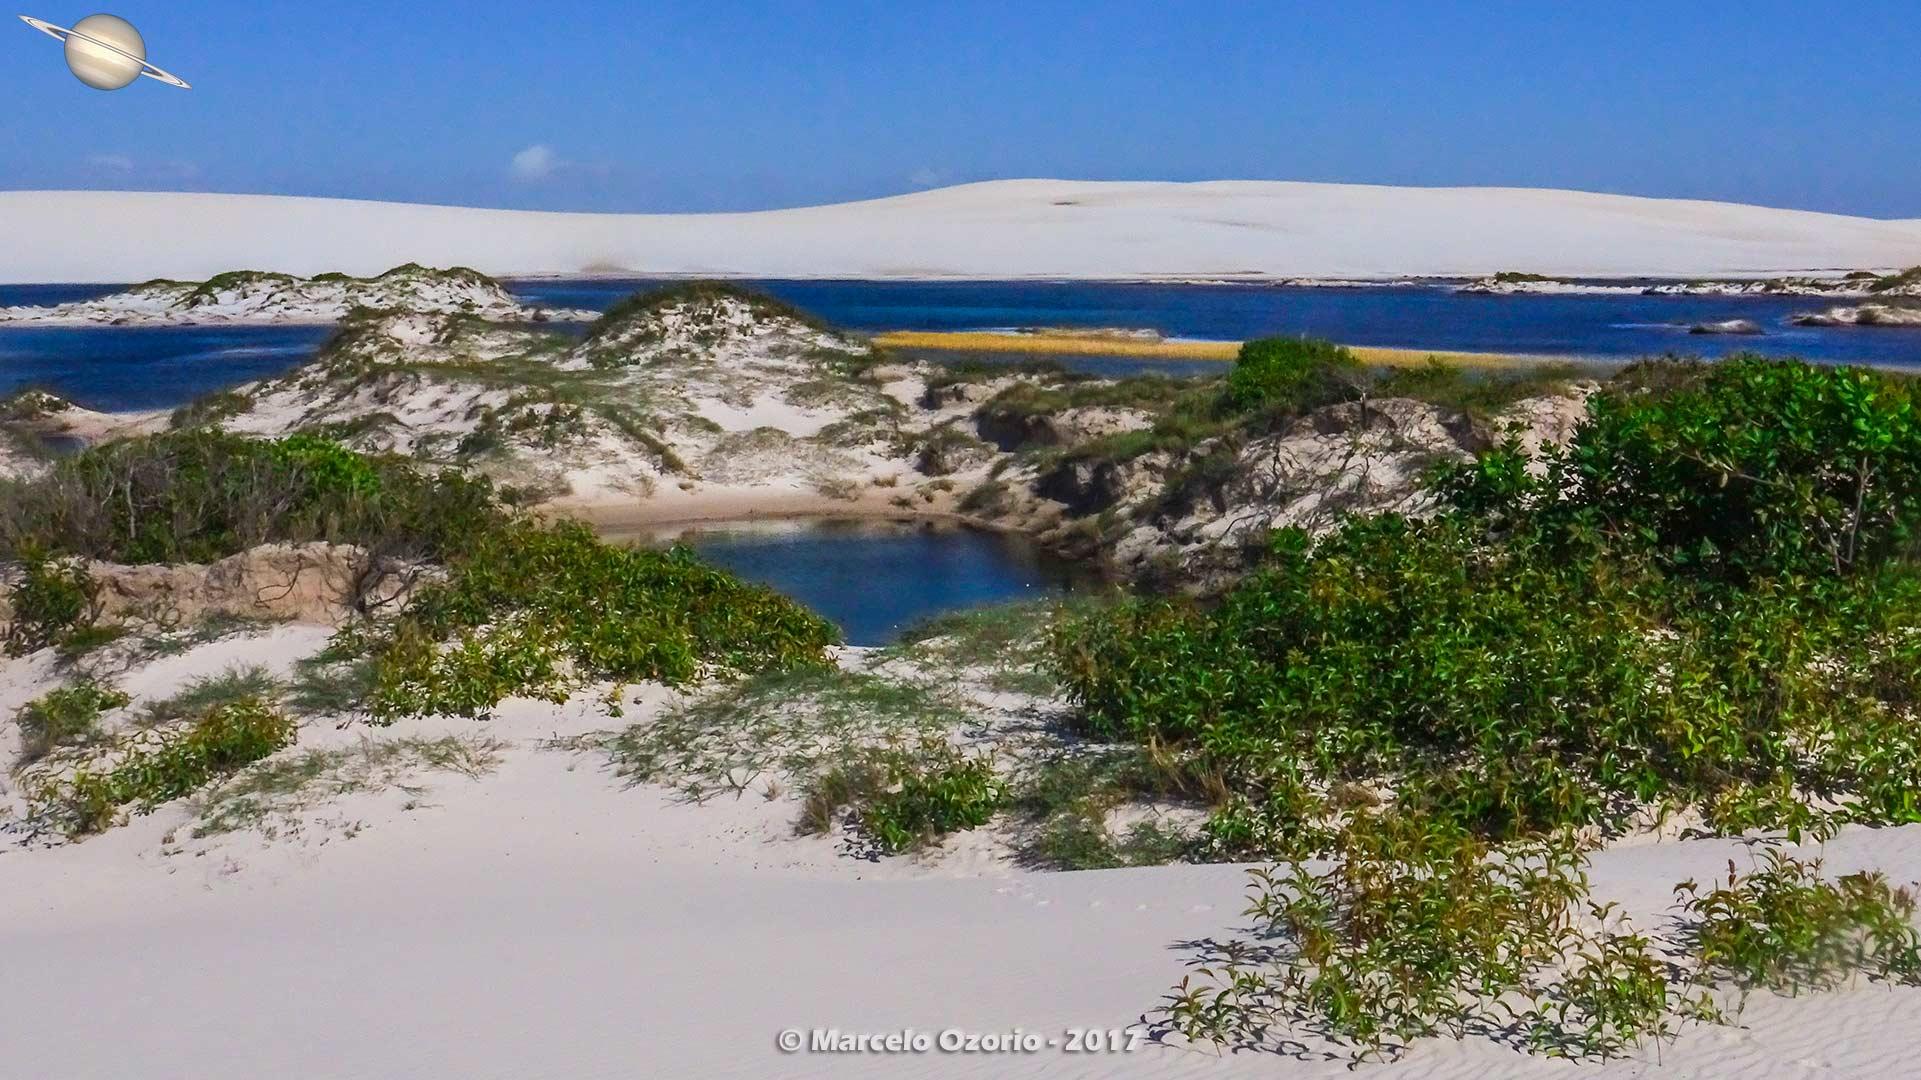 dia 3 explorando lencois maranhenses 38 - Explorando o Centro do Parque Nacional dos Lençóis Maranhenses - Brasil